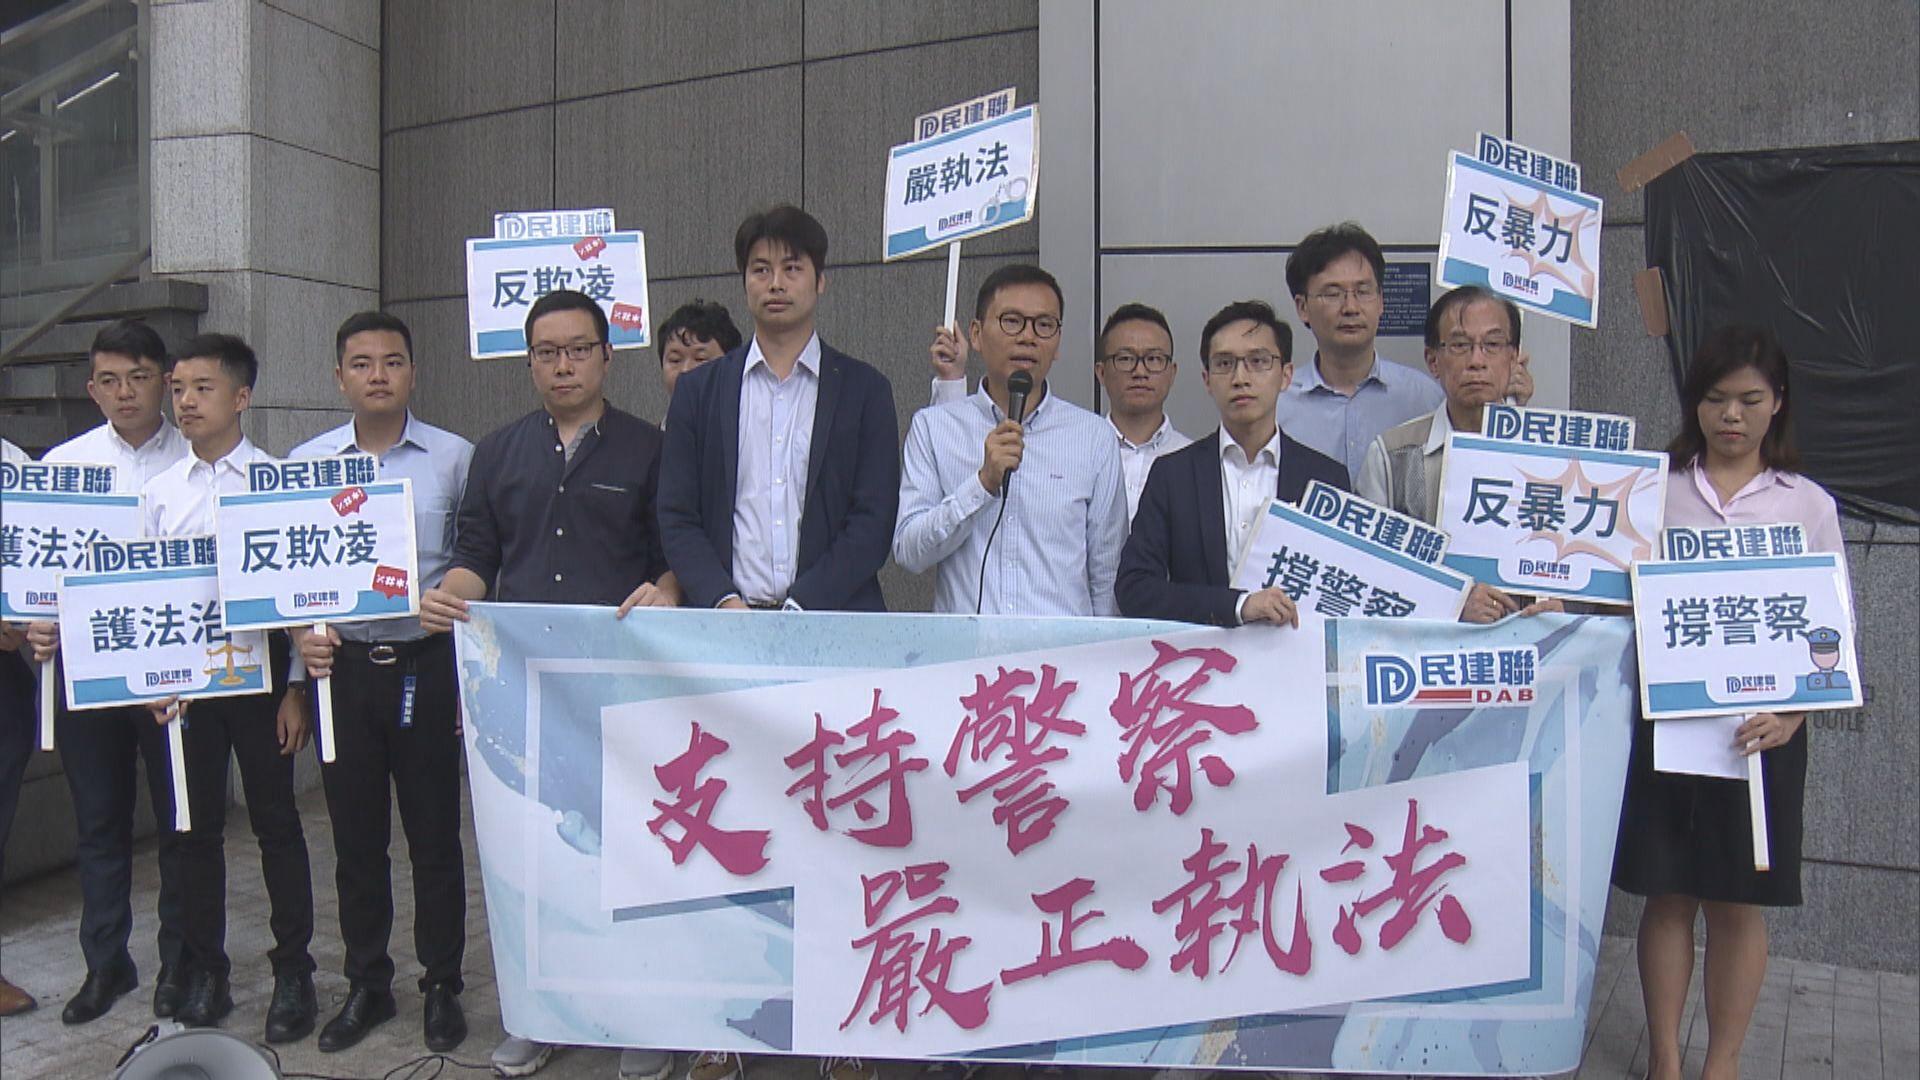 民建聯等團體支持警察嚴正執法